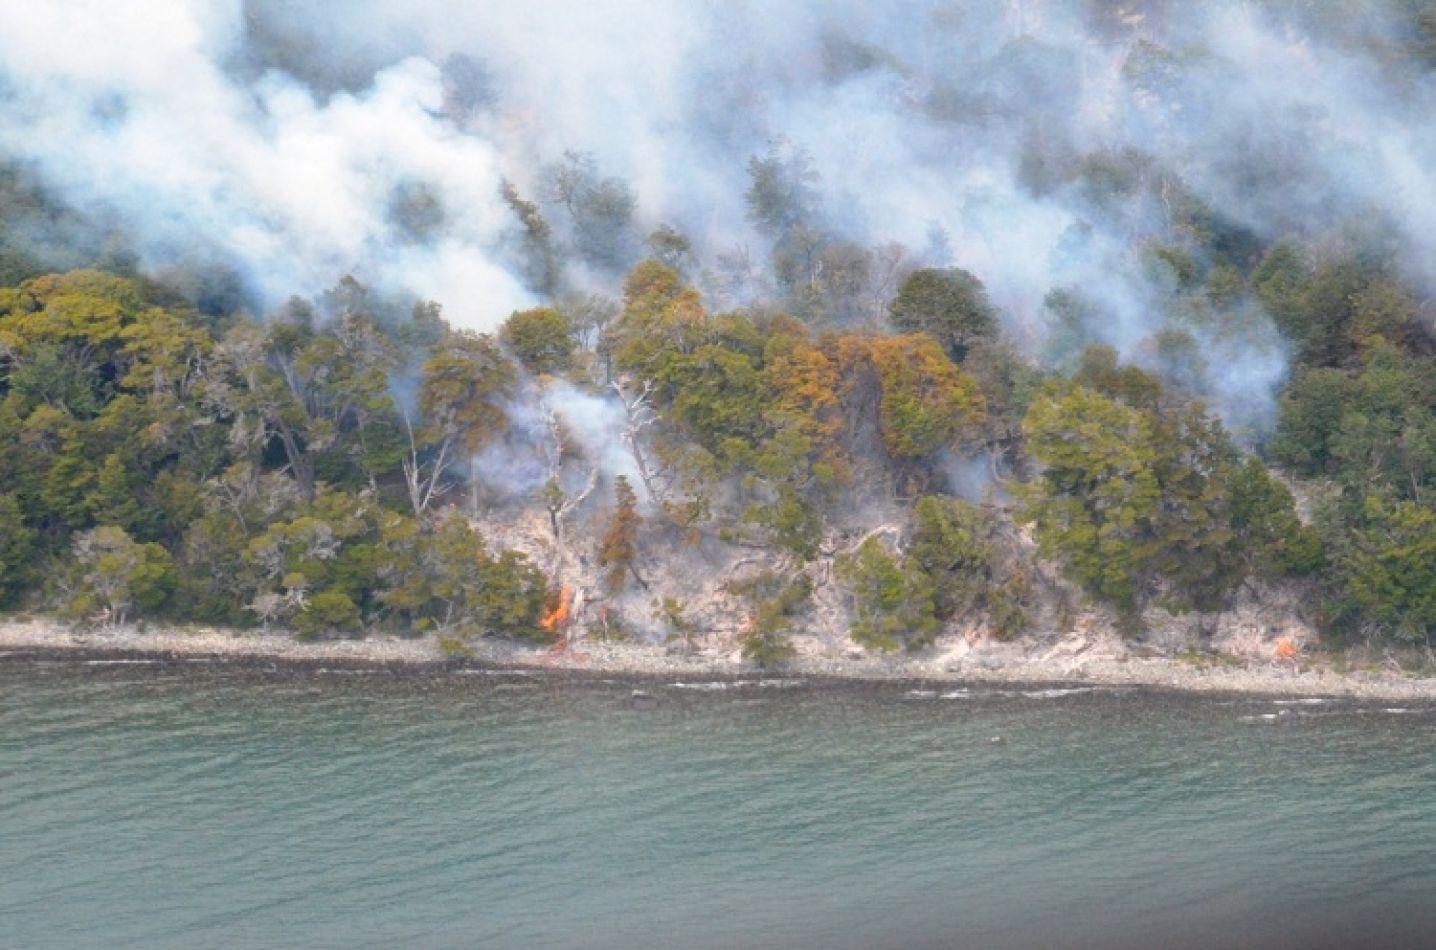 Incendio forestal en nuestra provincia.